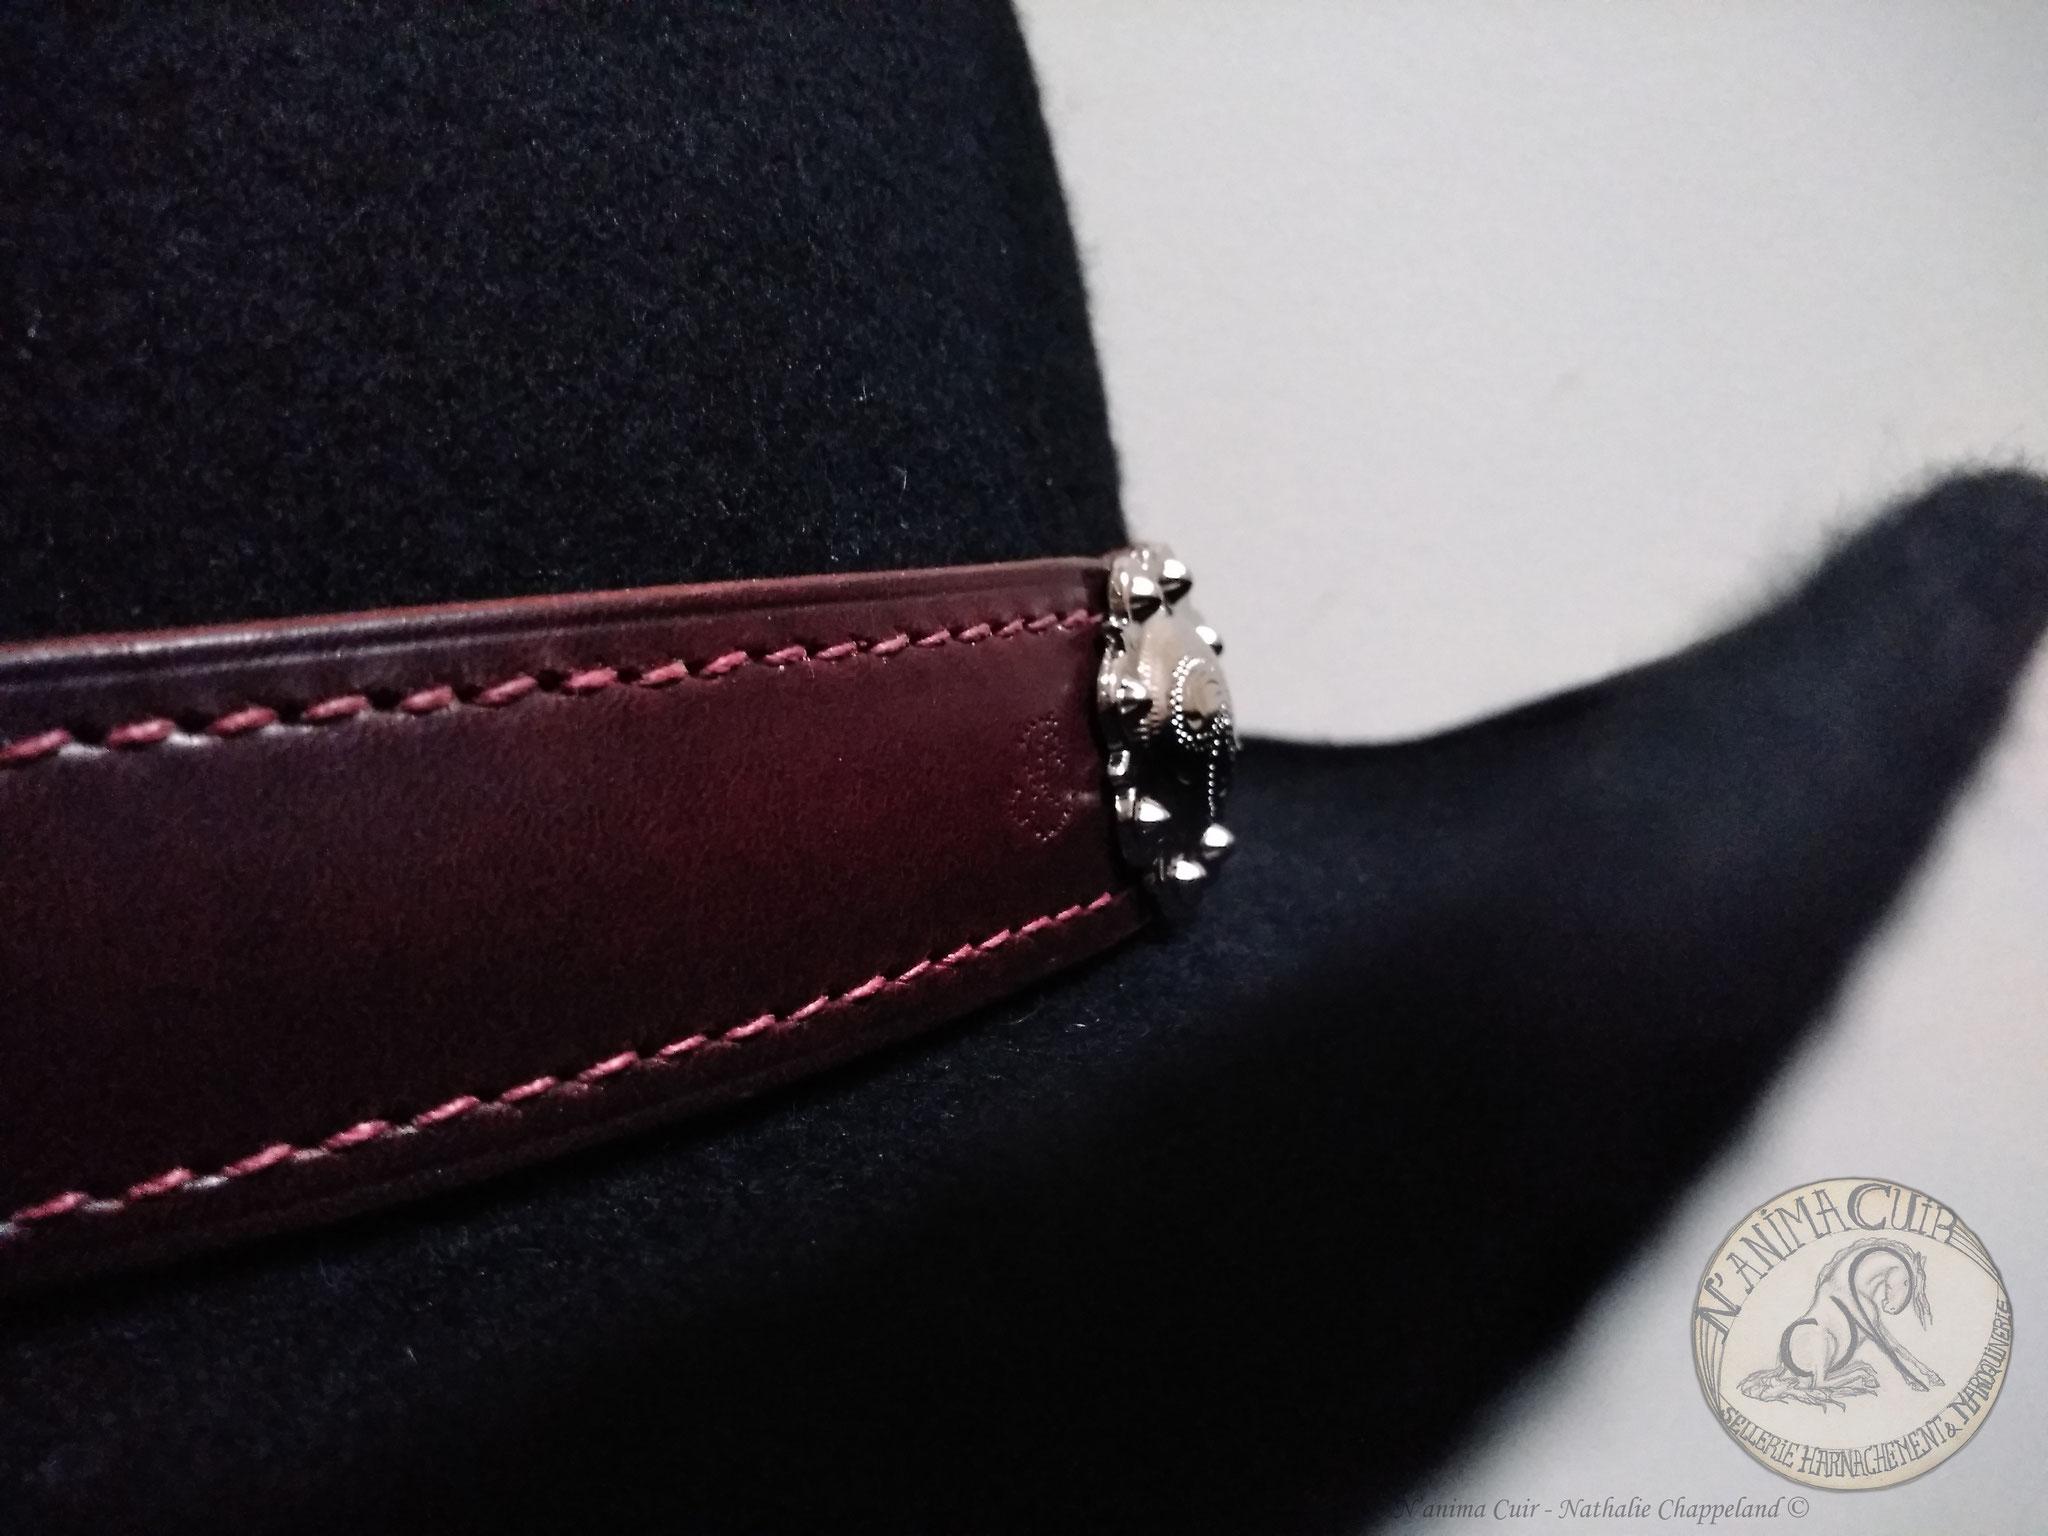 tour de chapeau N'anima Cuir